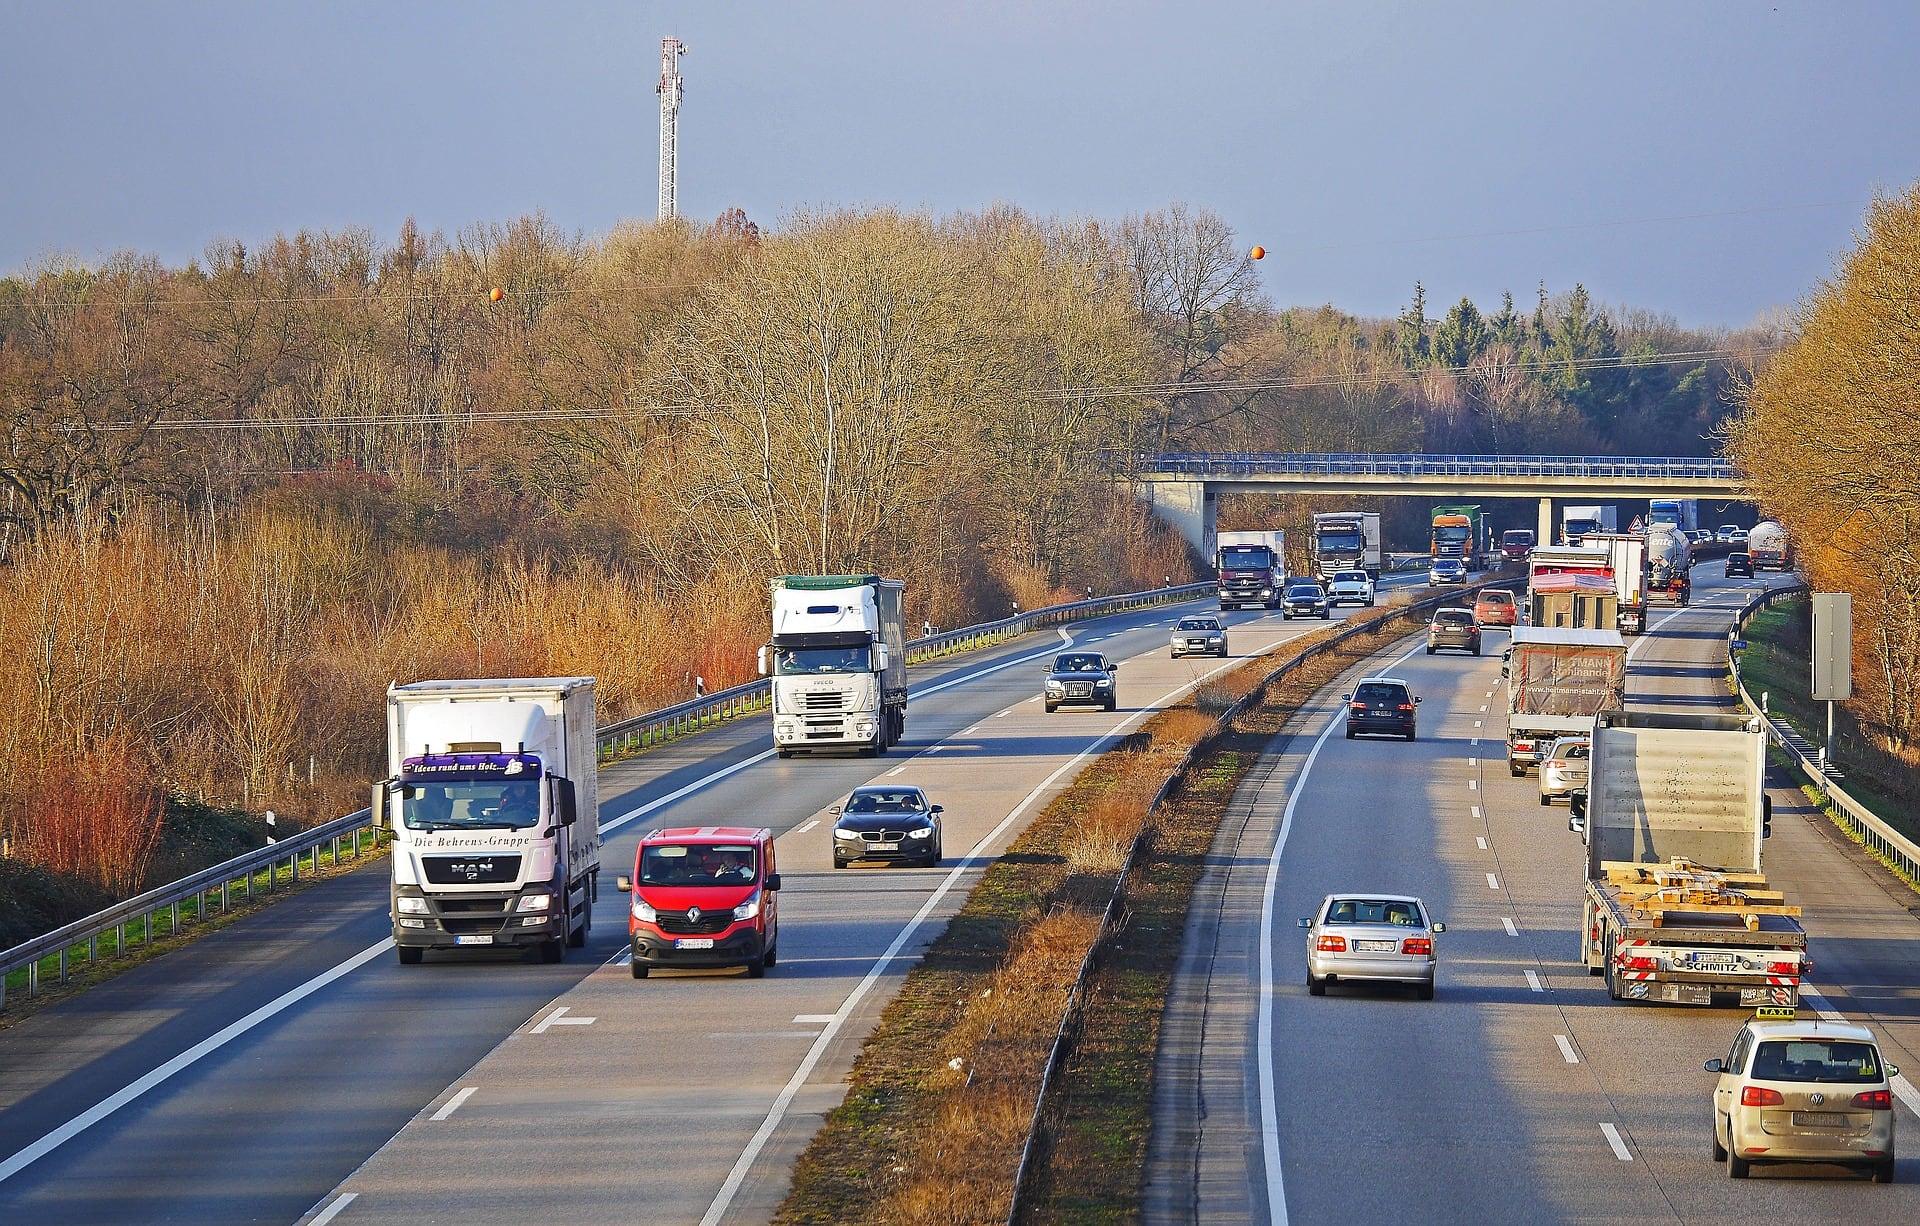 A3-Ausbau: Weitere Autobahnbrücke abgebrochen Sperrung nach erfolgreichen Abbrucharbeiten wieder aufgehoben